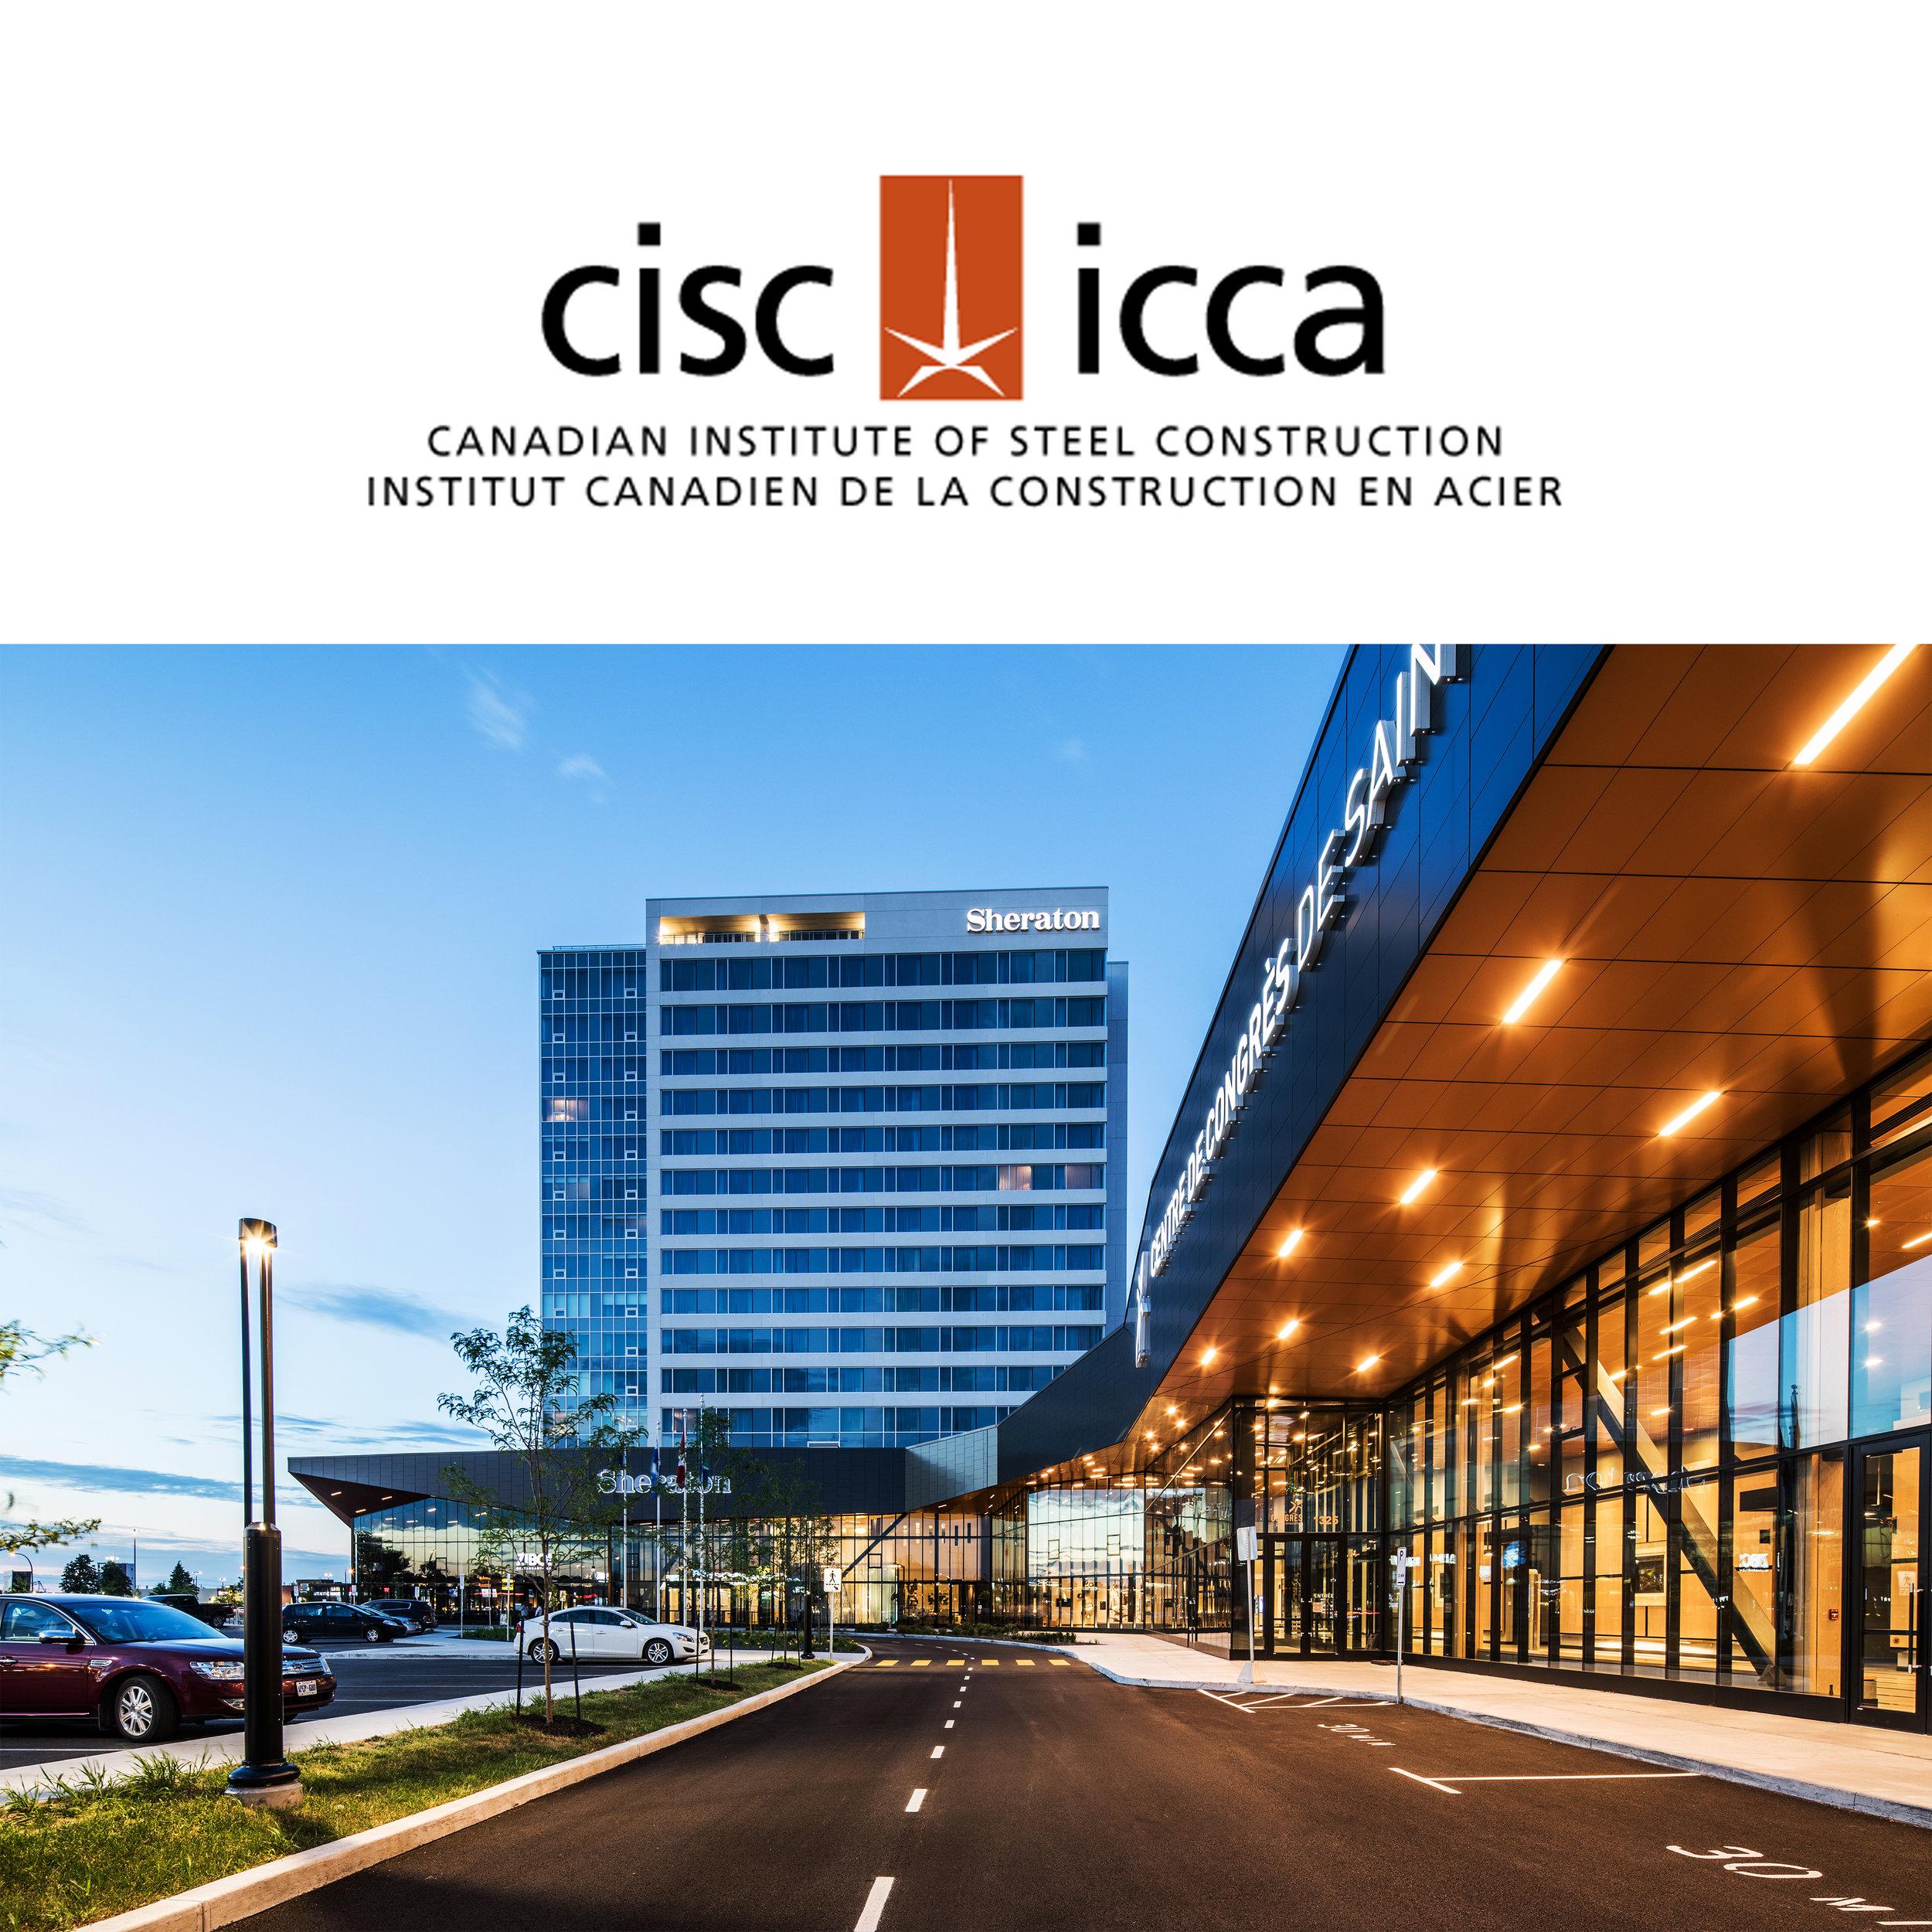 INSTITUT CANADIEN DE LA CONSTRUCTION EN ACIER 2018 - Trois fois Lauréat : Le centre de congrès de Saint-Hyacinthe